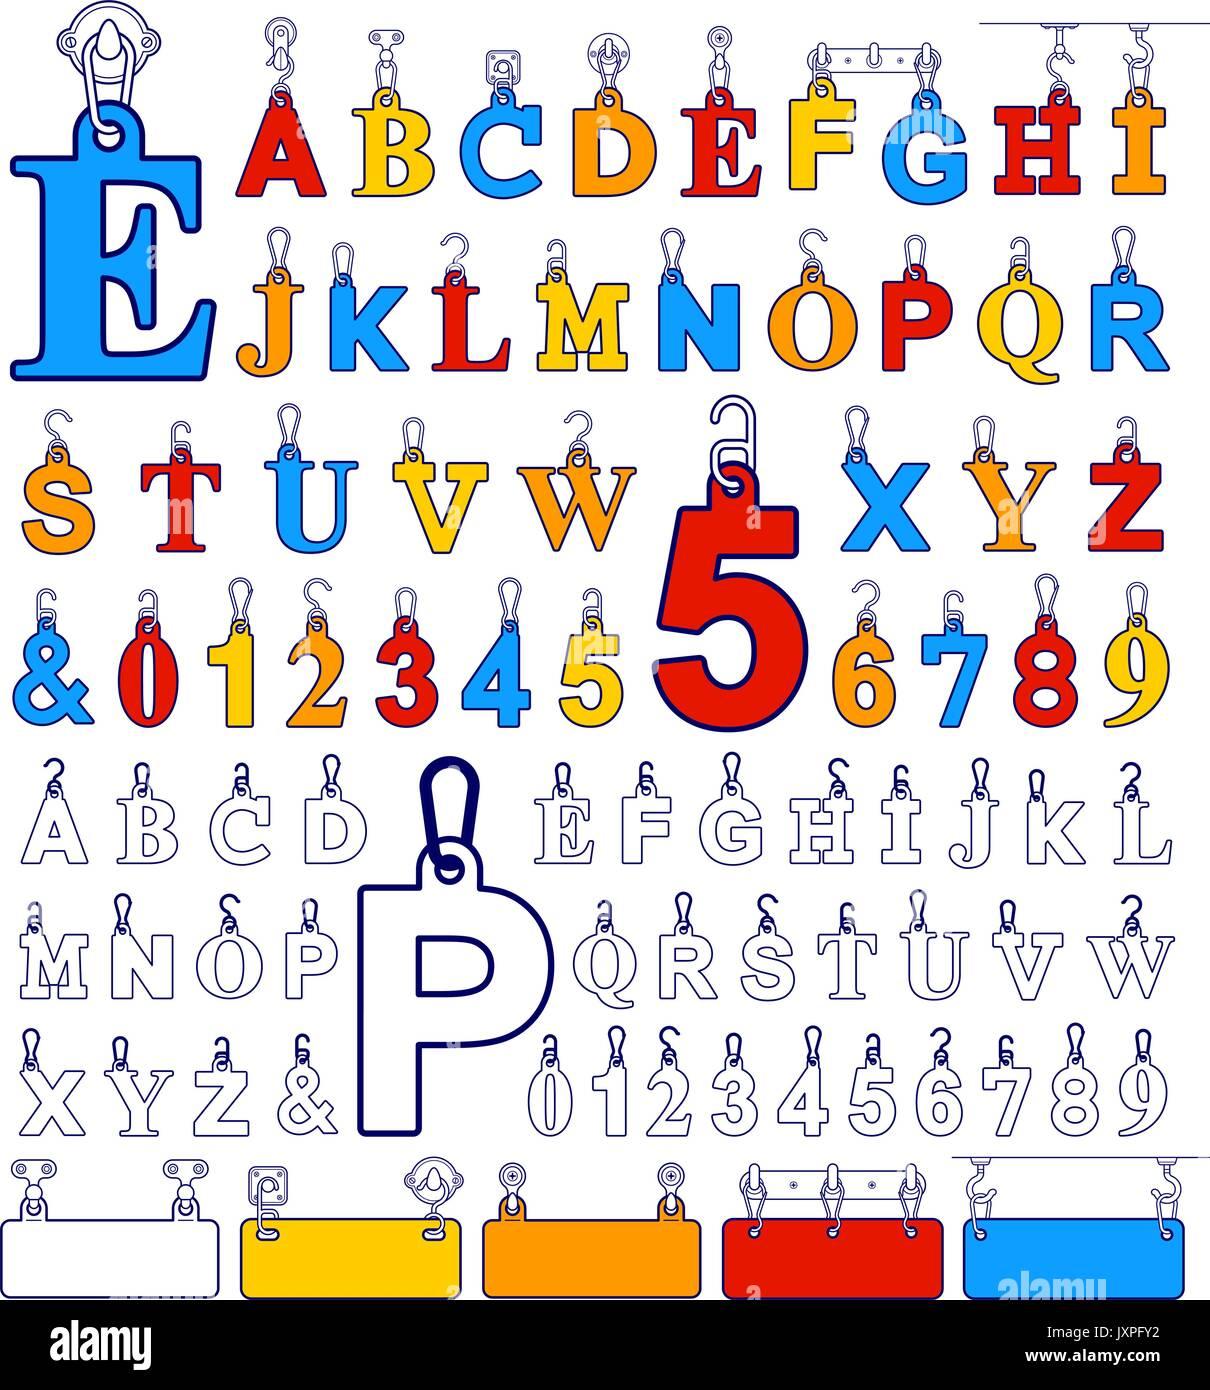 Alphabet Design Stock Photos & Alphabet Design Stock Images - Alamy